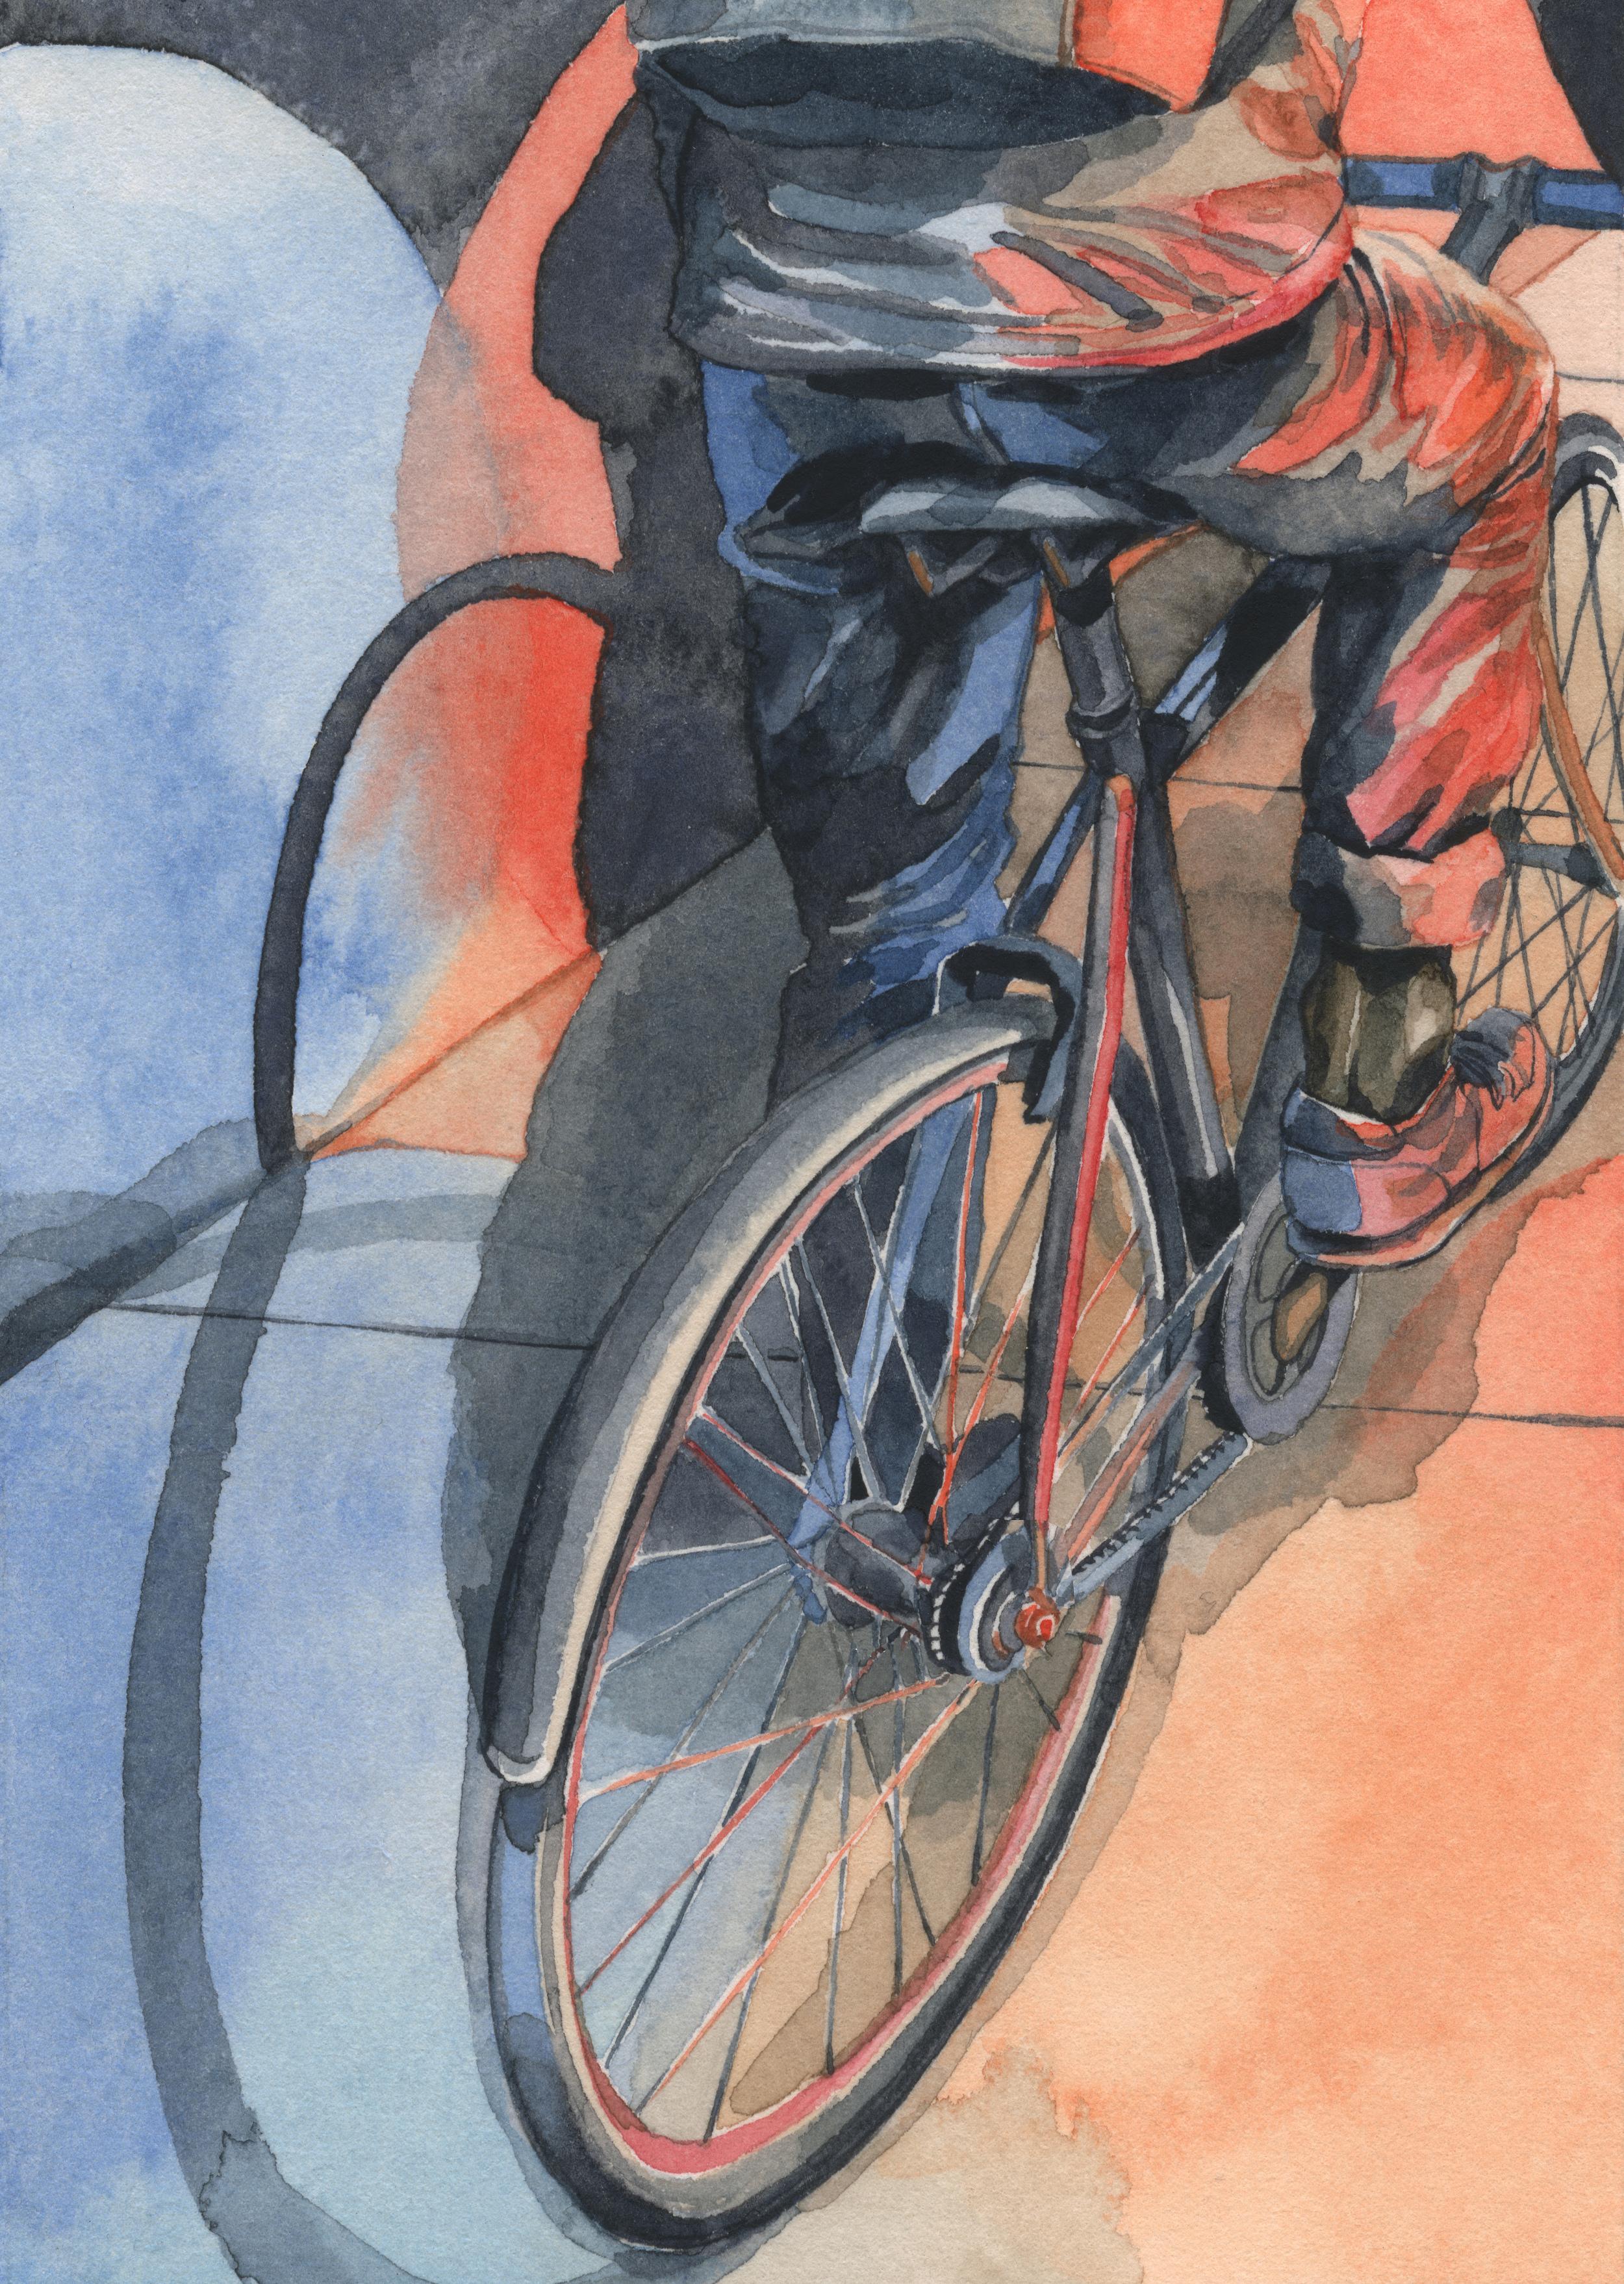 bicycle-police-web.jpg